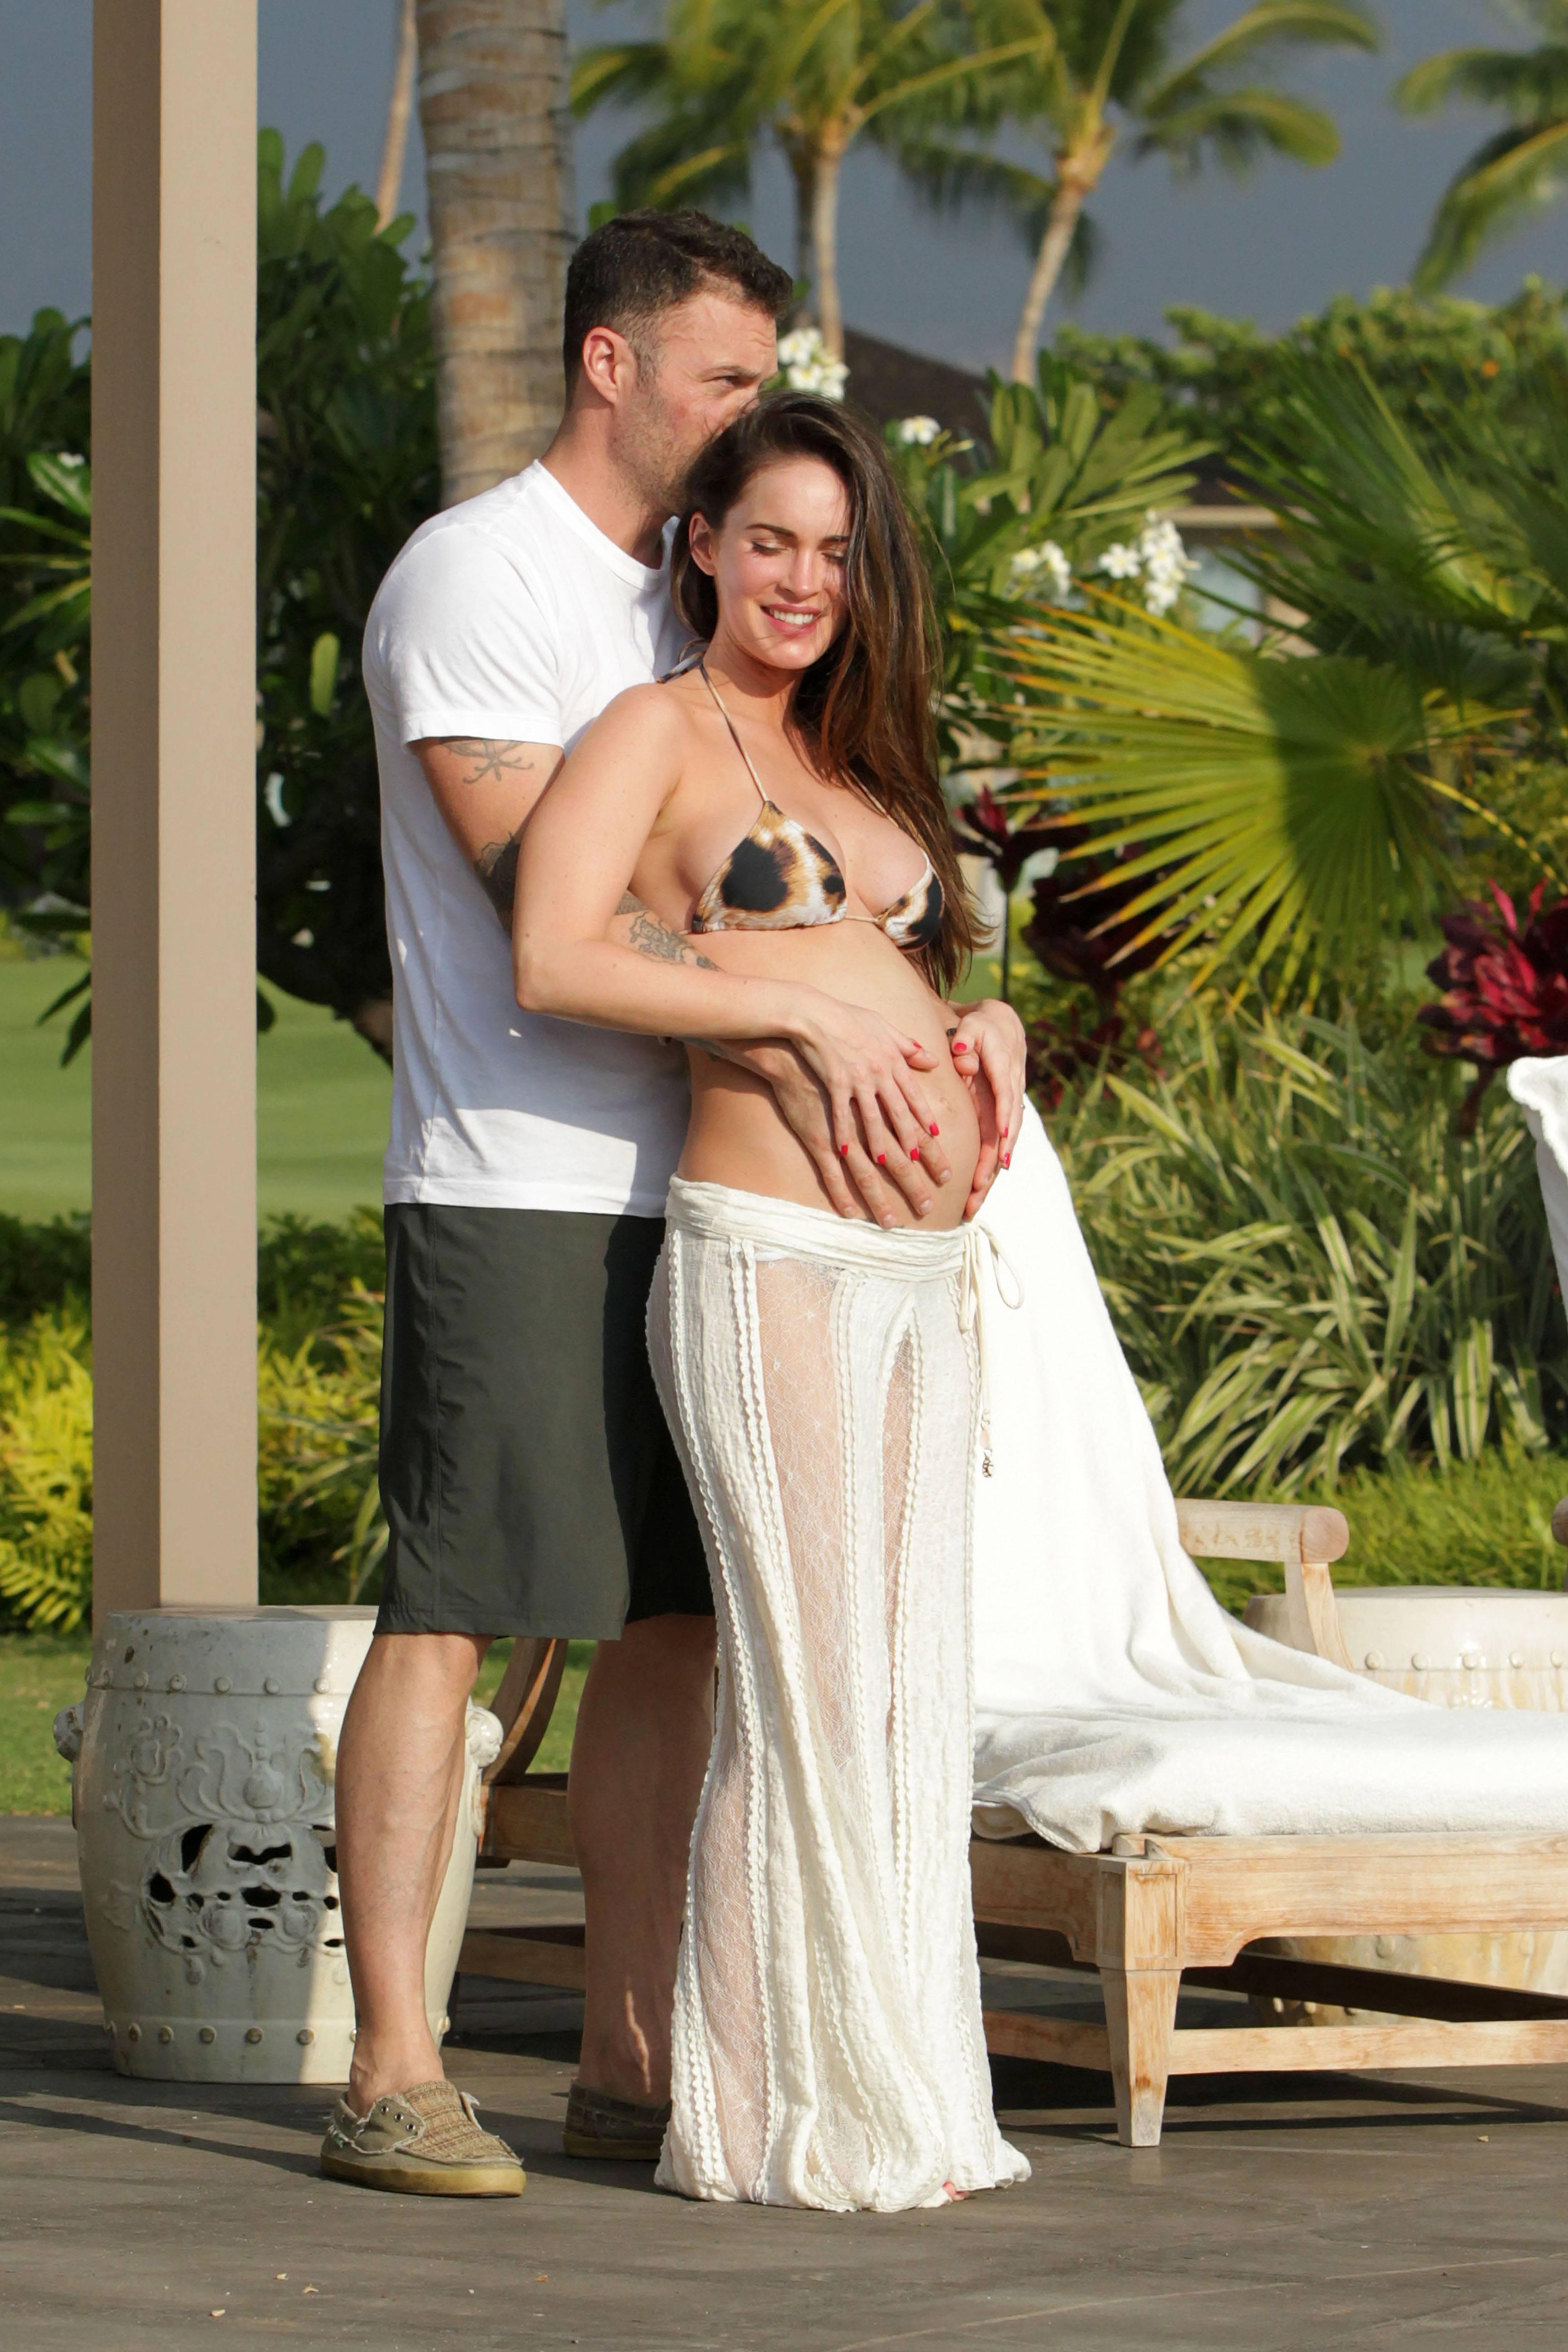 706164186_Megan_Fox_on_vacation_in_Hawaii7_122_530lo.jpg